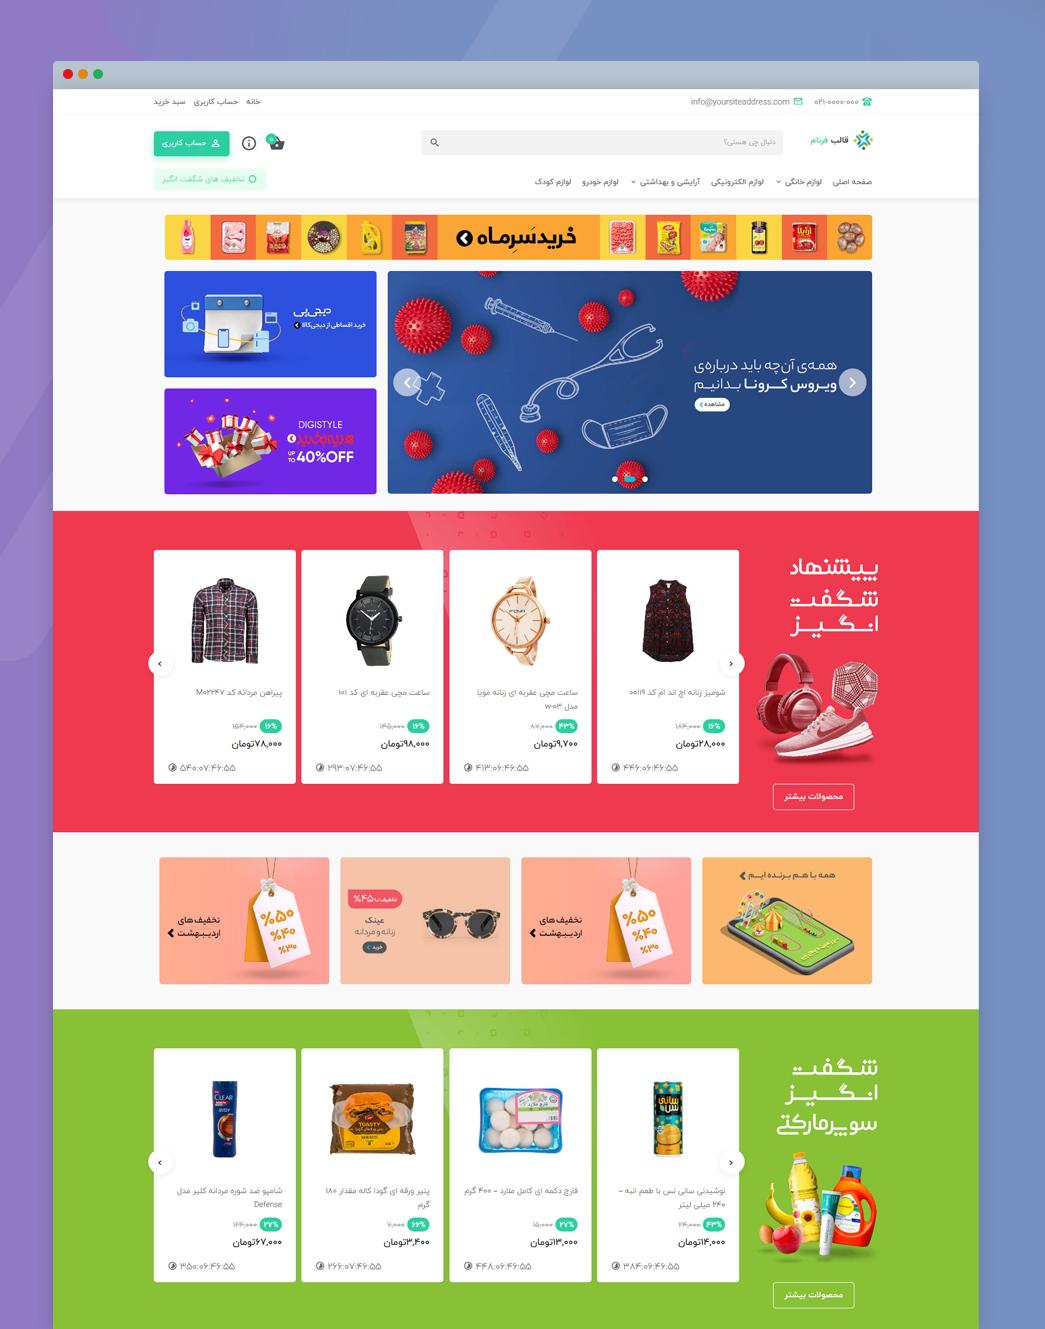 صفحه اصلی اول قالب فرنام، قالب Farnam پوسته فروشگاهی وردپرس ایرانی